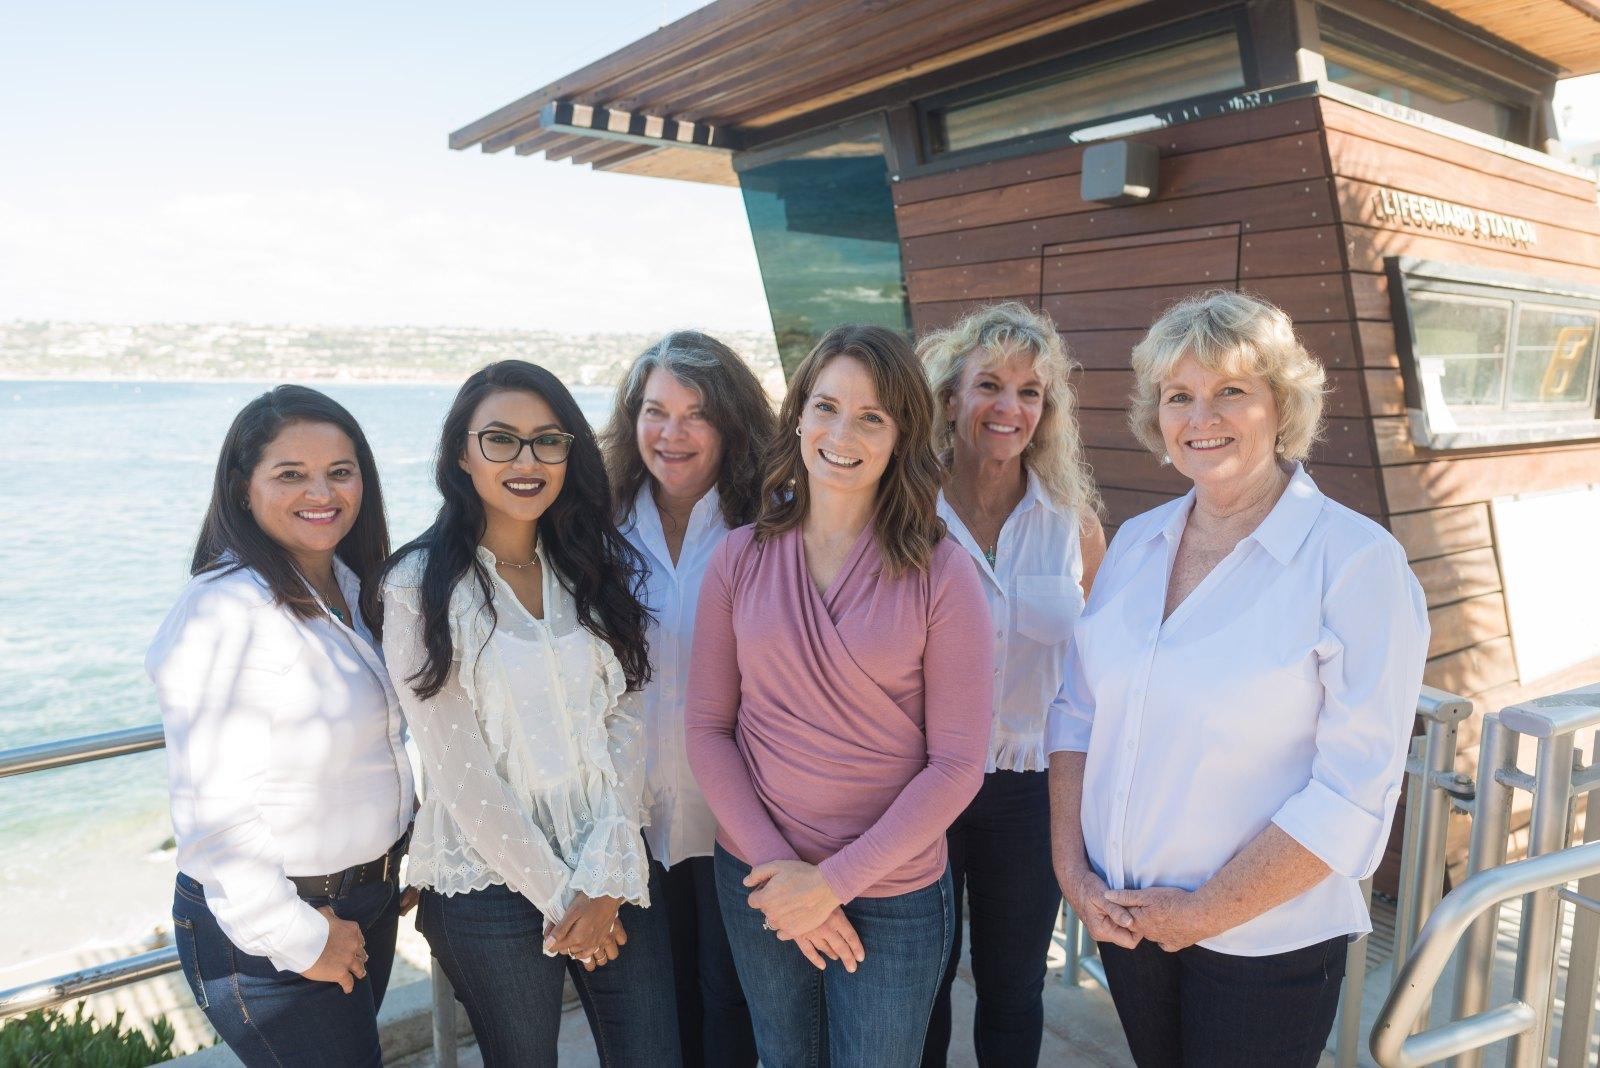 Meet the team at Carmel Valley Dental